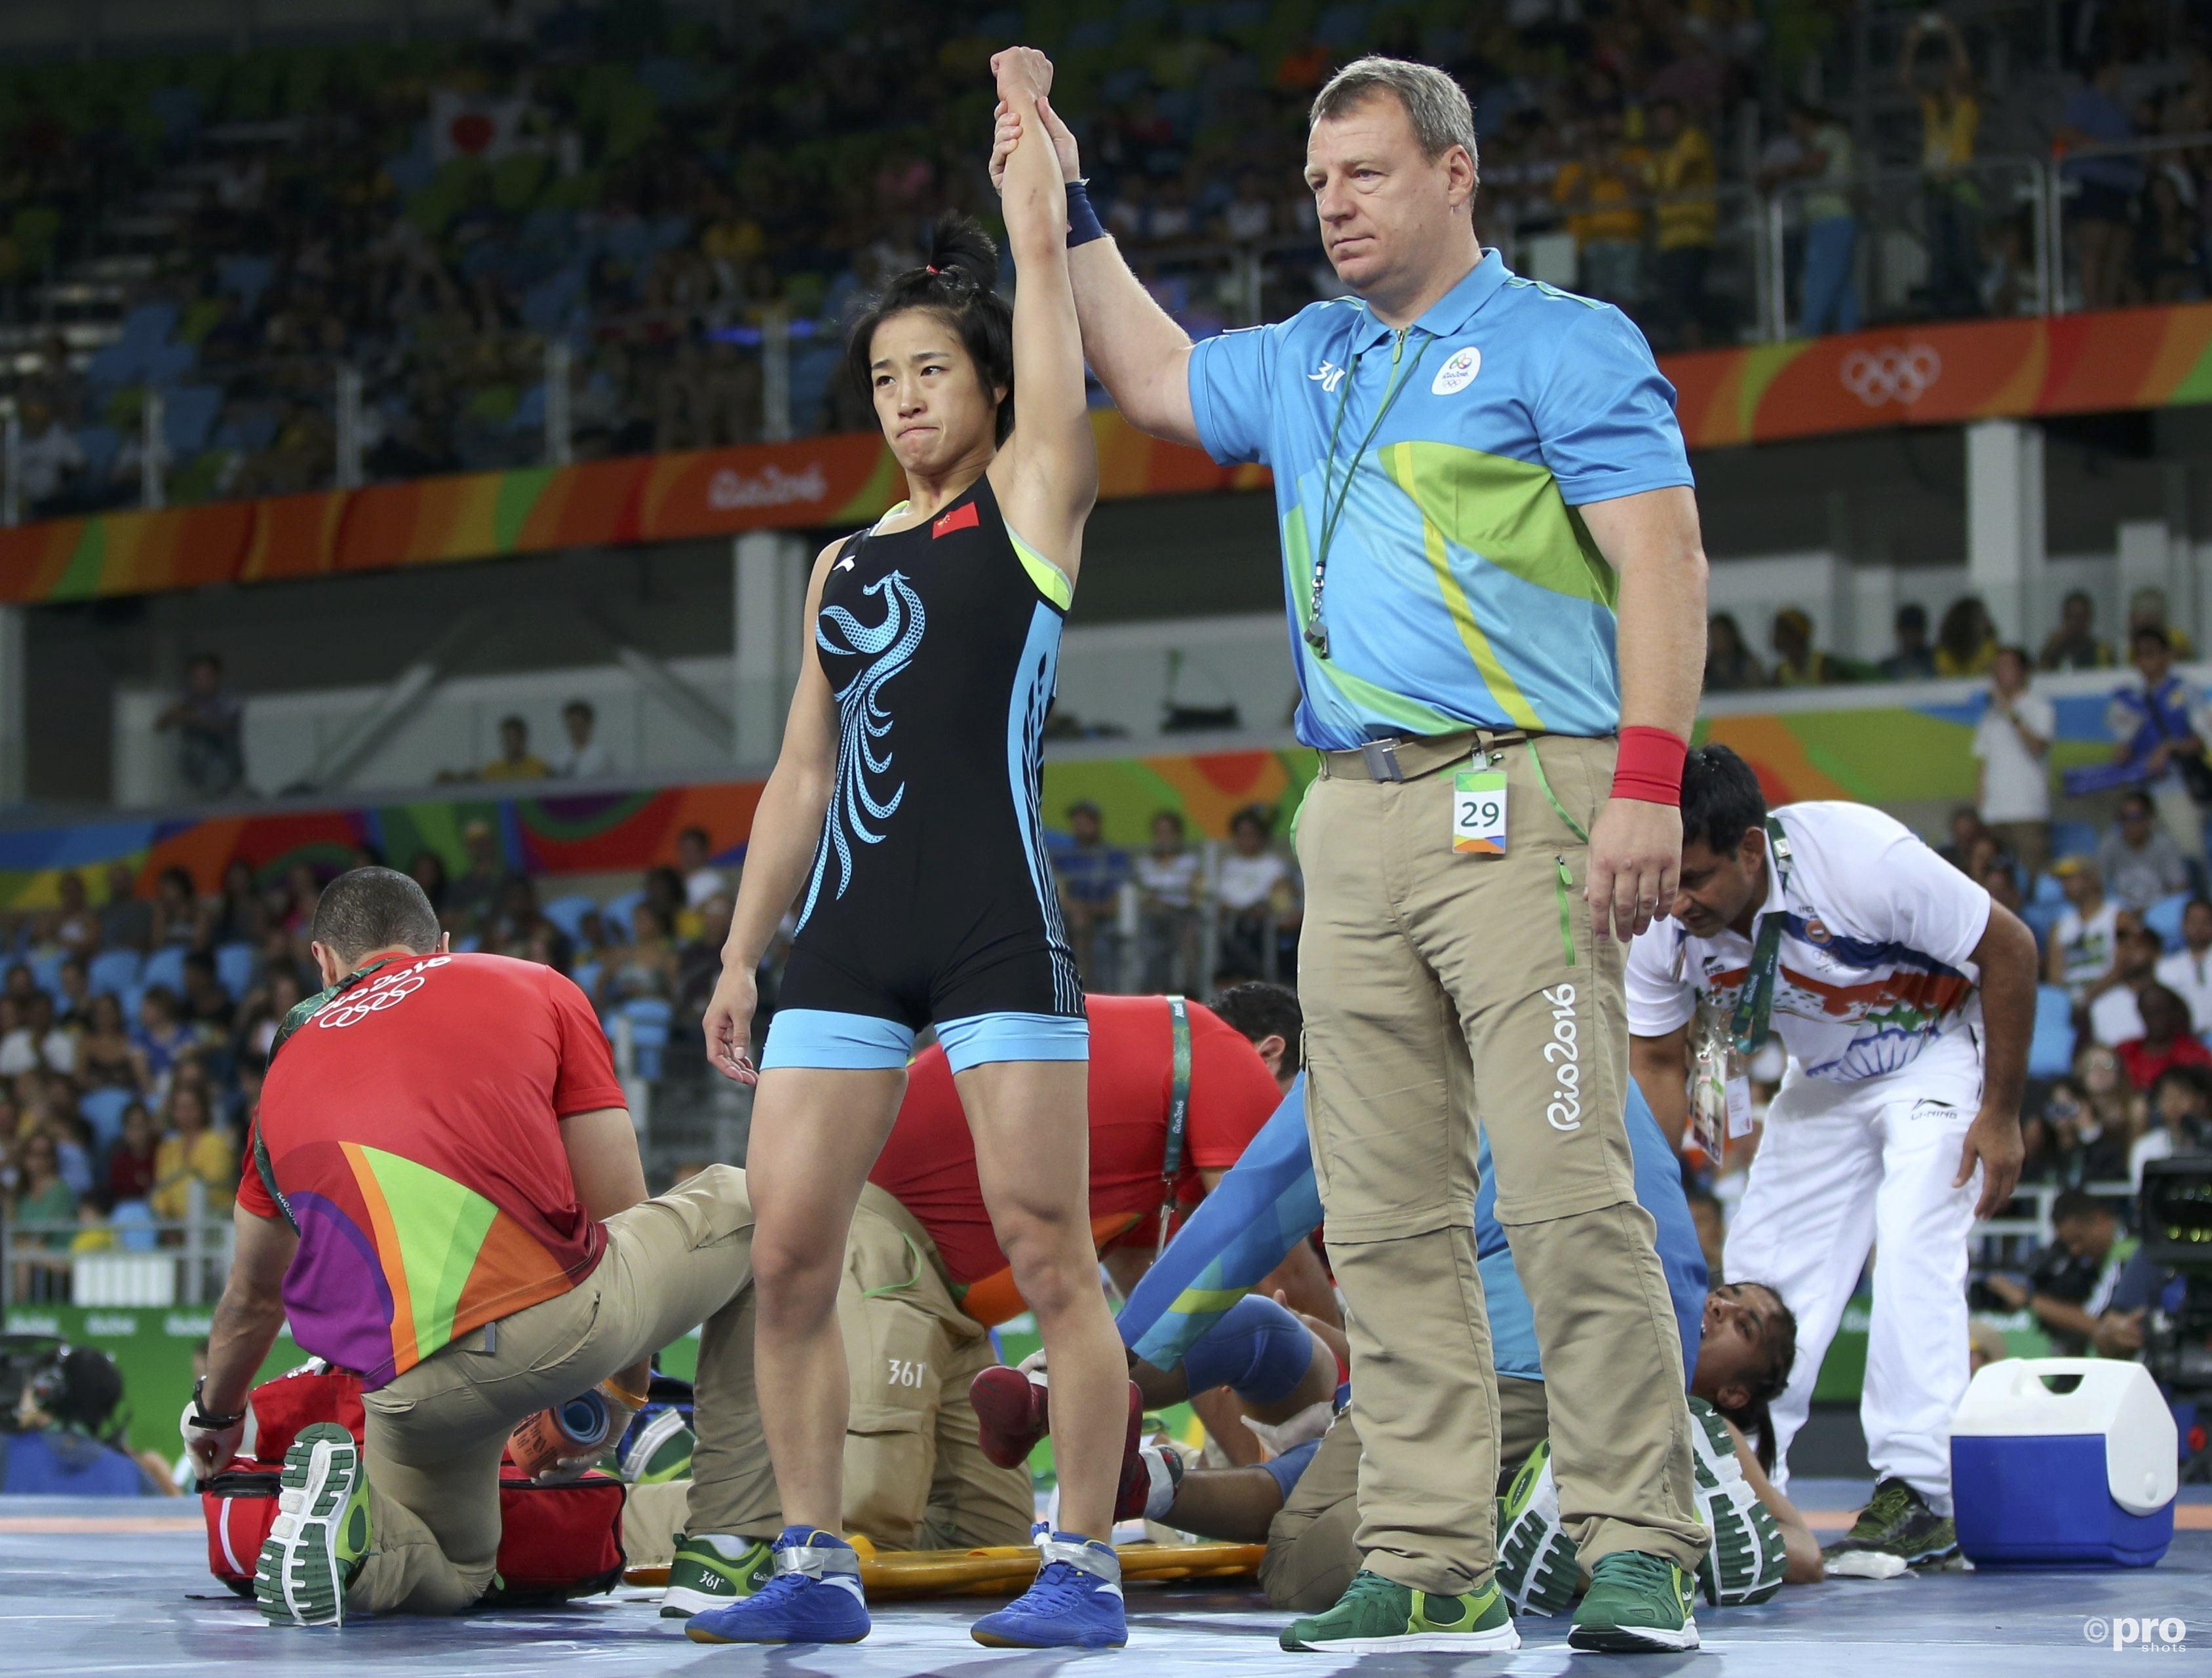 Een bezorgde Yun wordt uitgeroepen tot winnares van de kwartfinale, terwijl Vinesh nog behandeld wordt (PROSHOTS/Action Images)